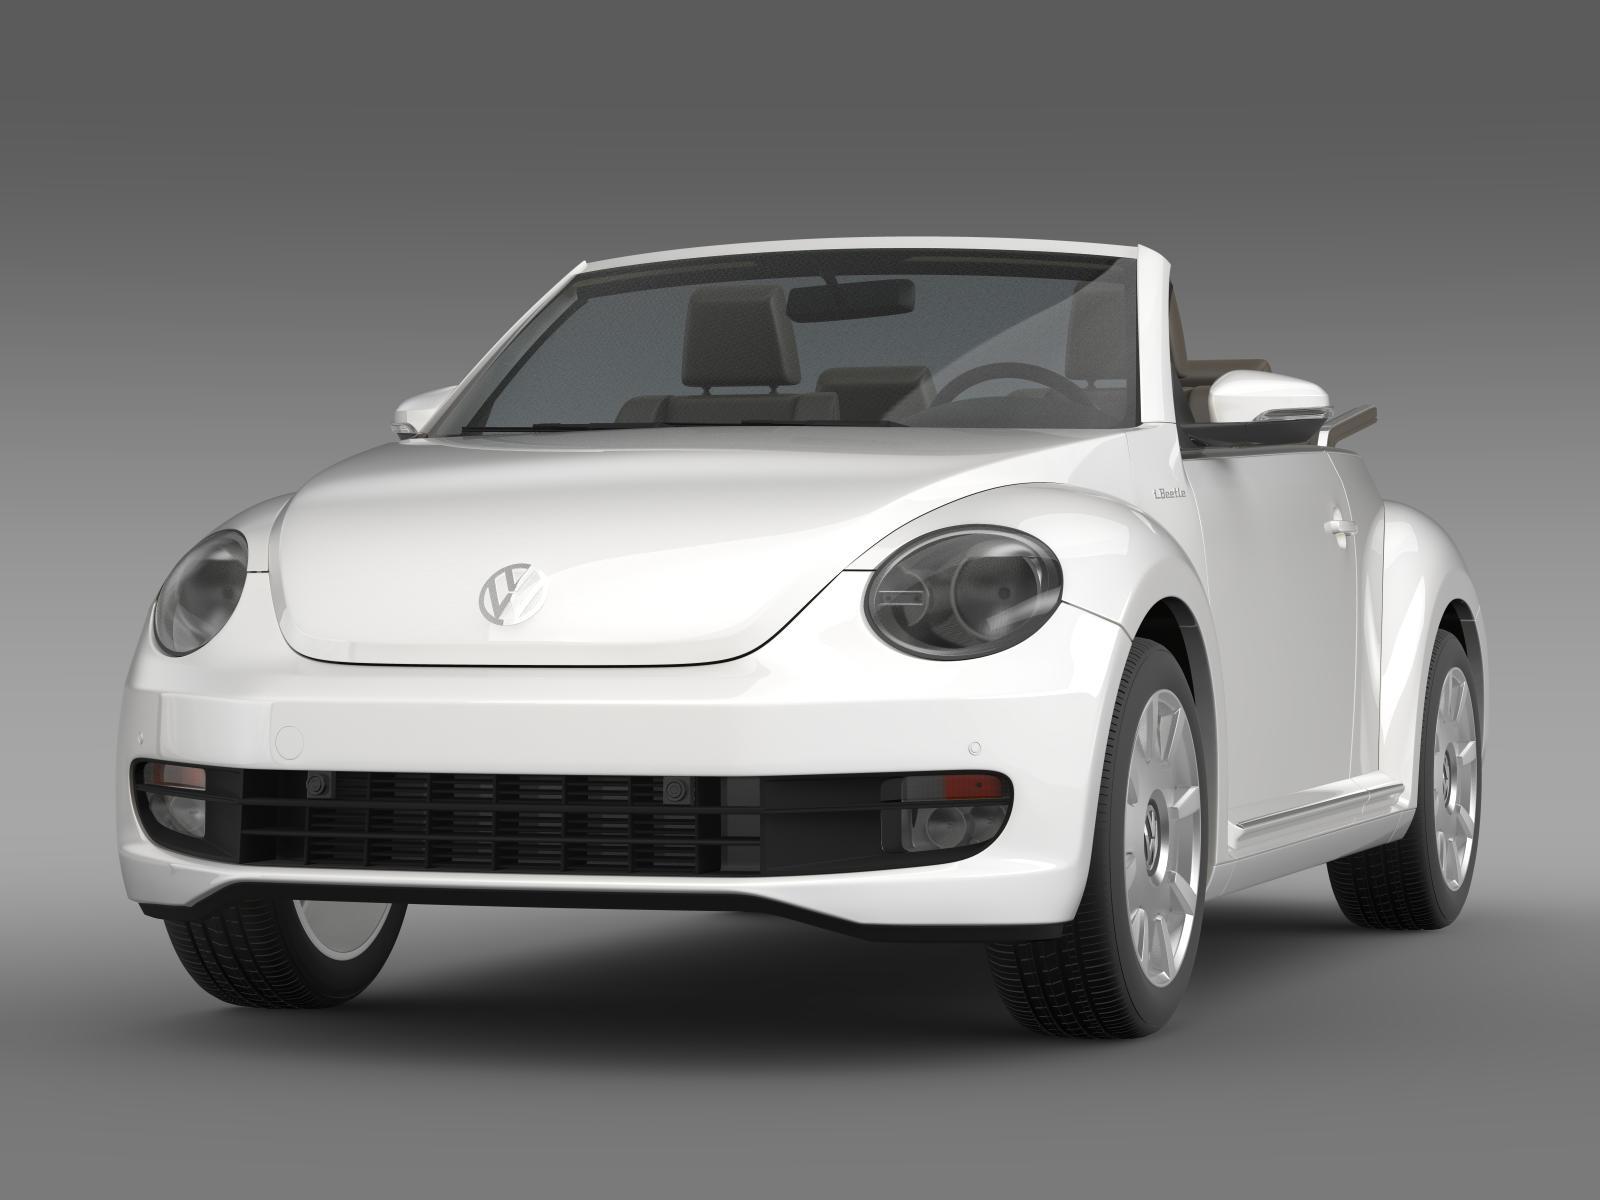 vw i beetle cabrio 2015 3d model. Black Bedroom Furniture Sets. Home Design Ideas